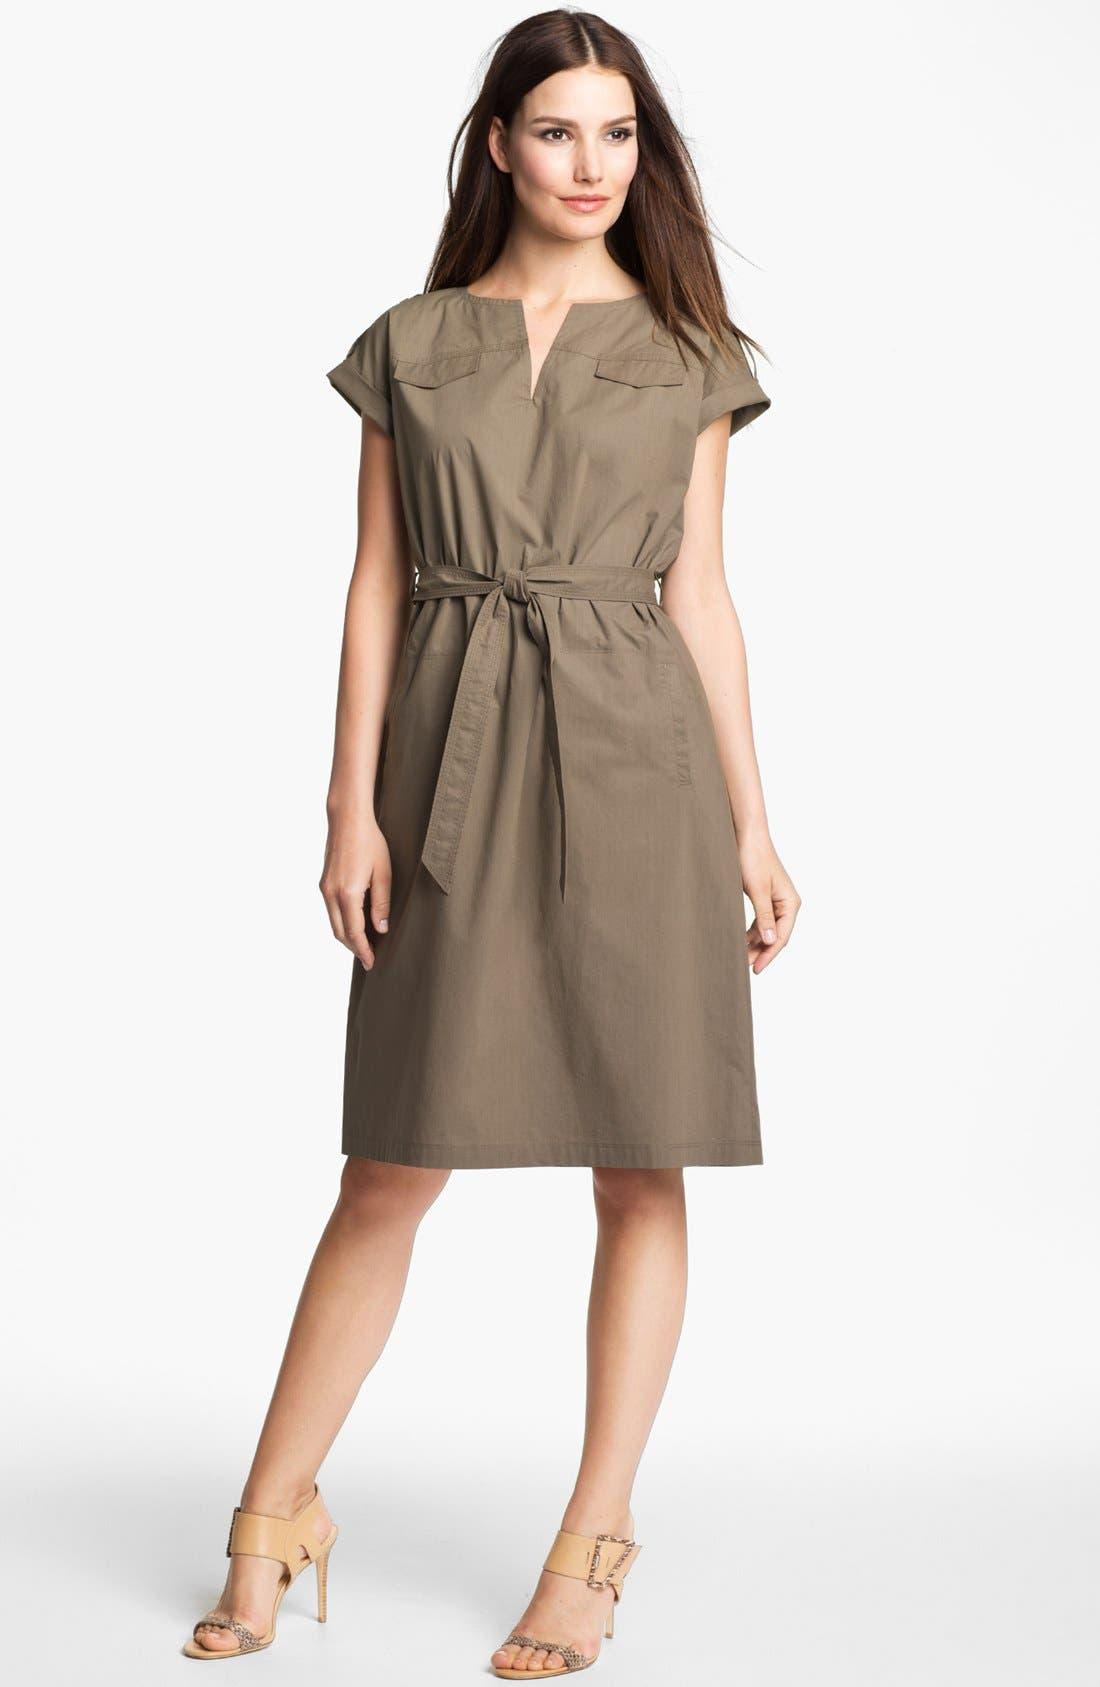 Alternate Image 1 Selected - Lafayette 148 New York Drop Shoulder Dress